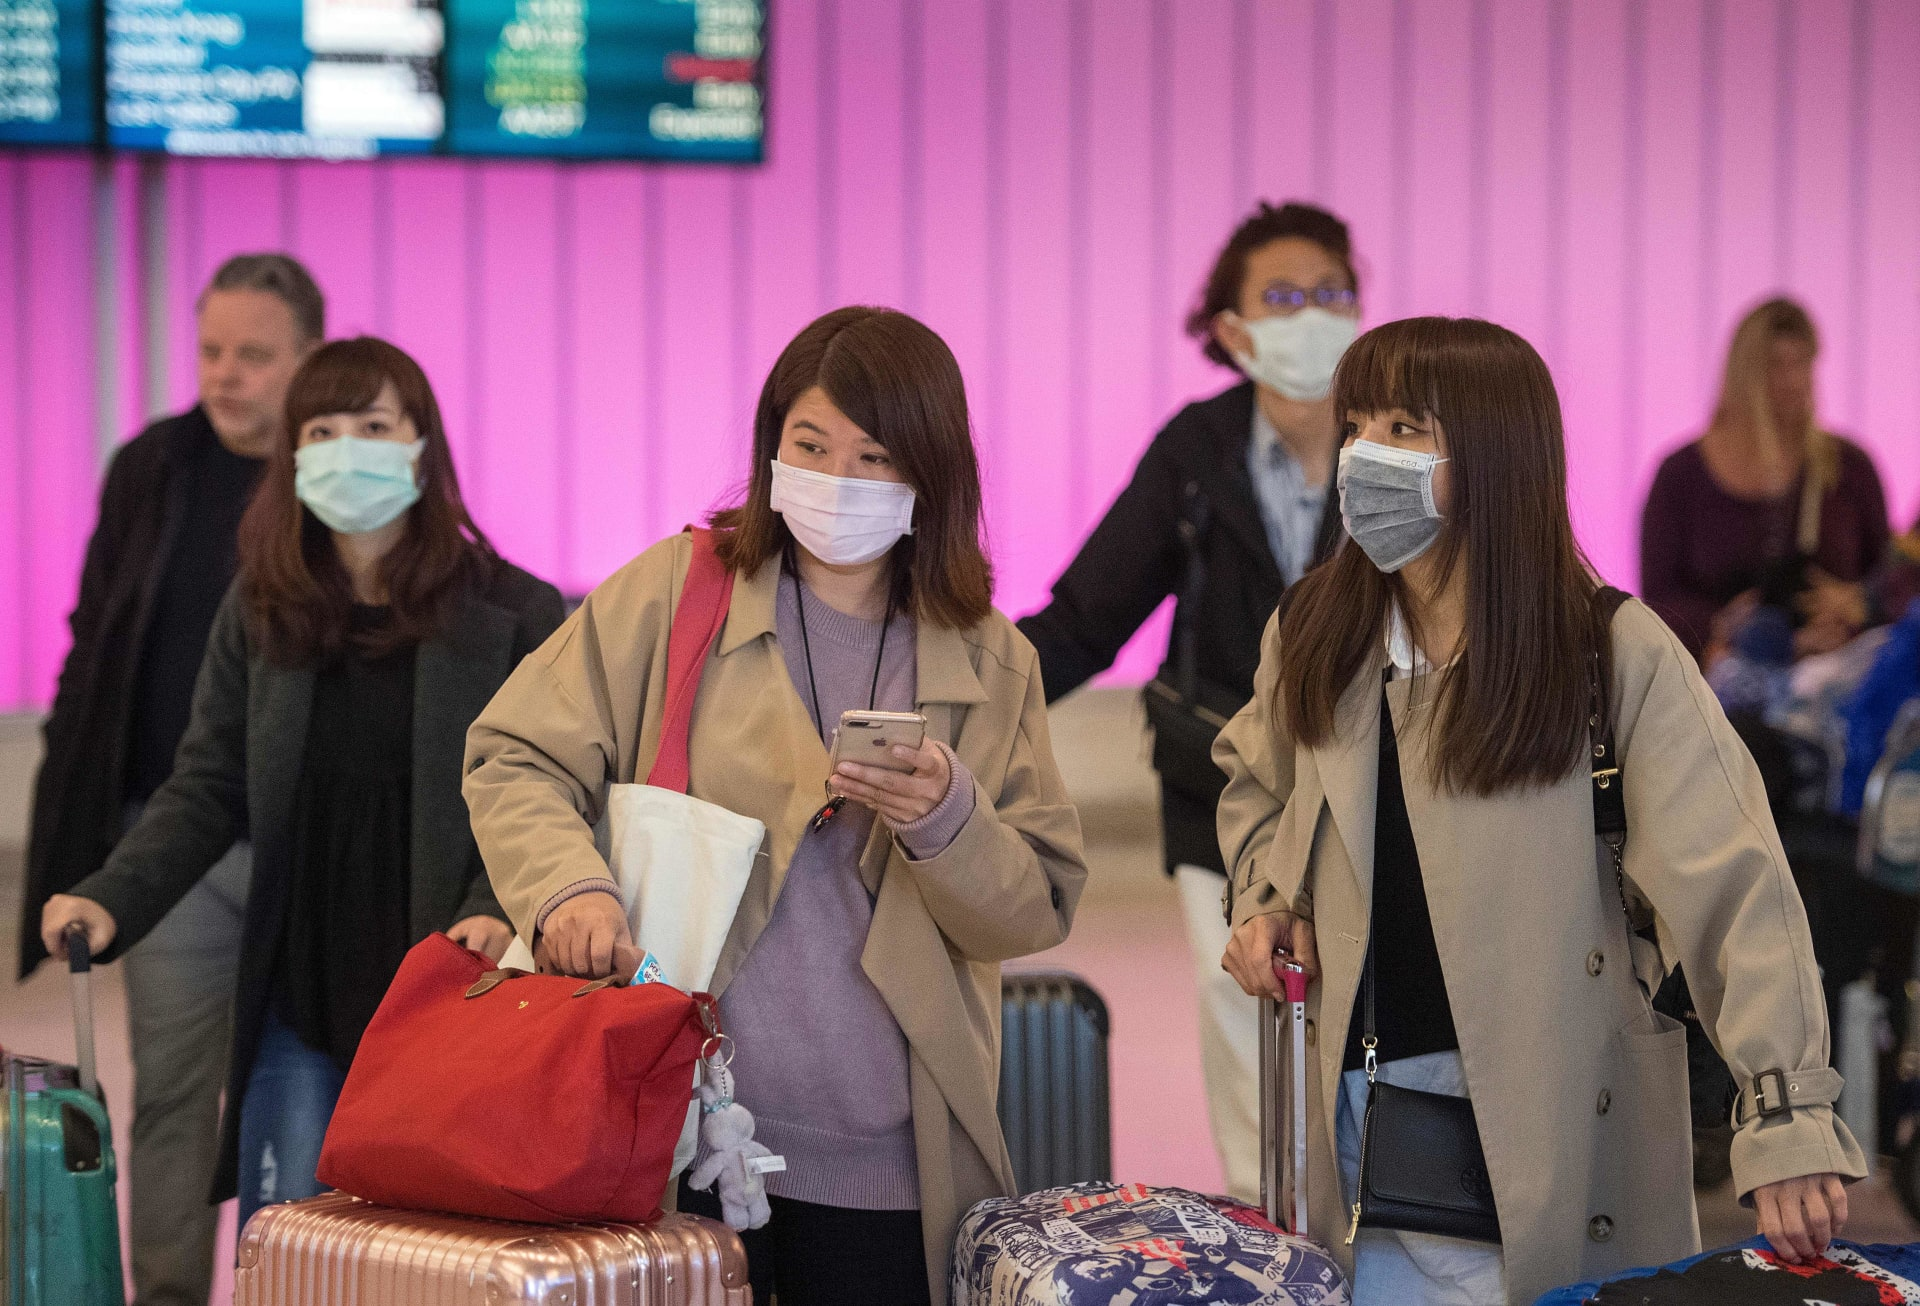 معالجة مصاب بفيروس كورونا الصيني في أمريكا بواسطة روبوت